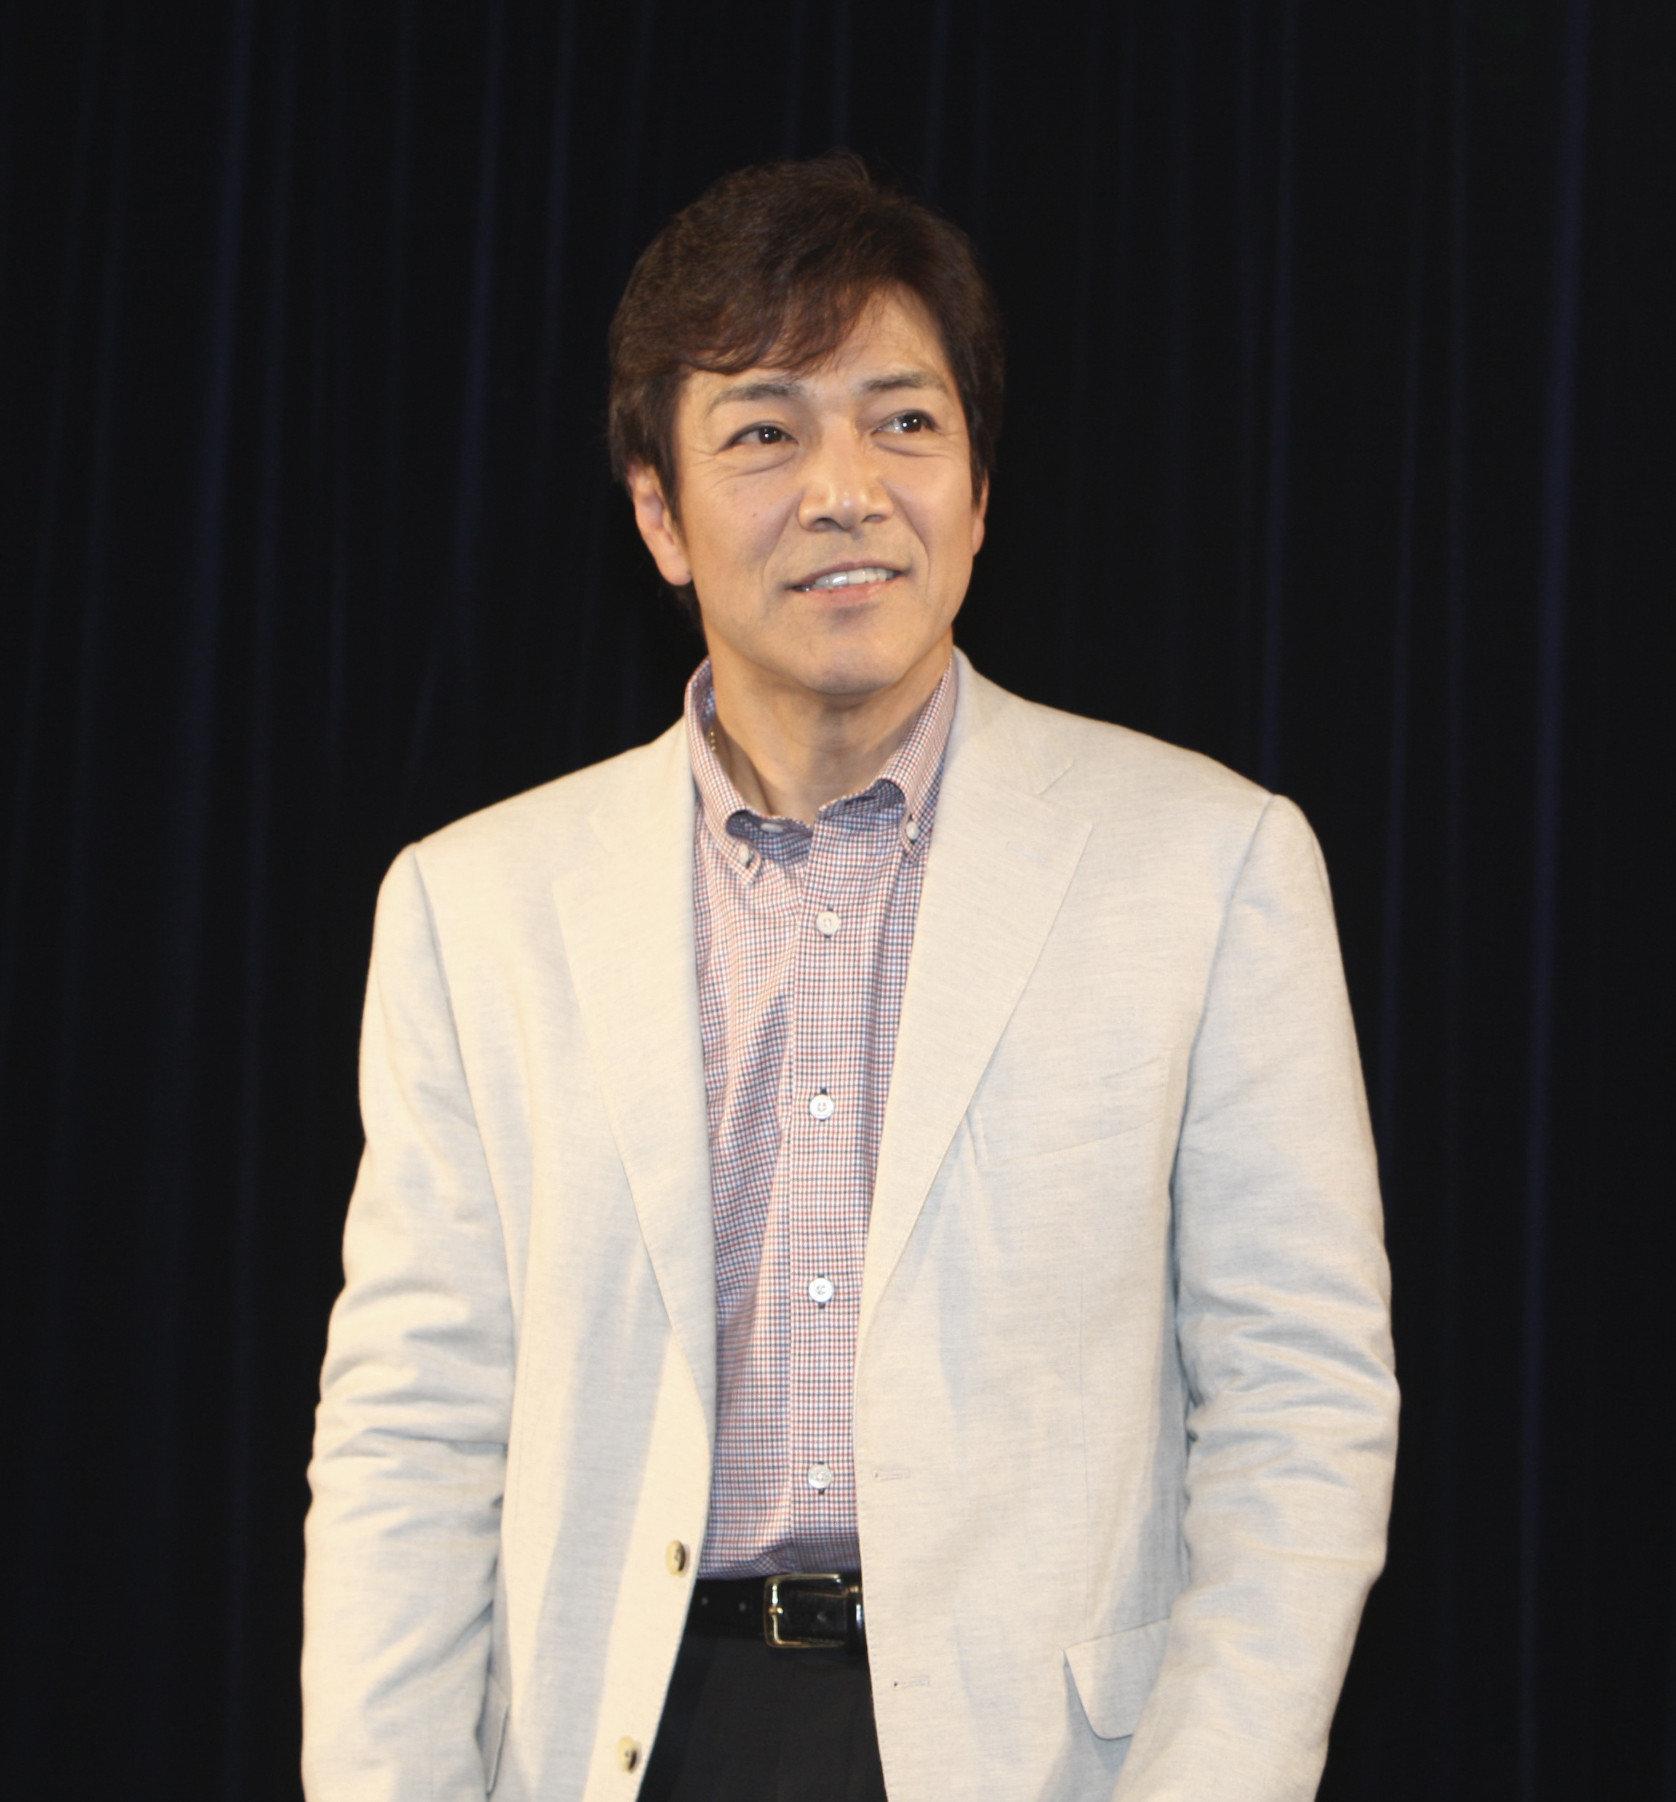 野口五郎、昨年末に食道がん手術